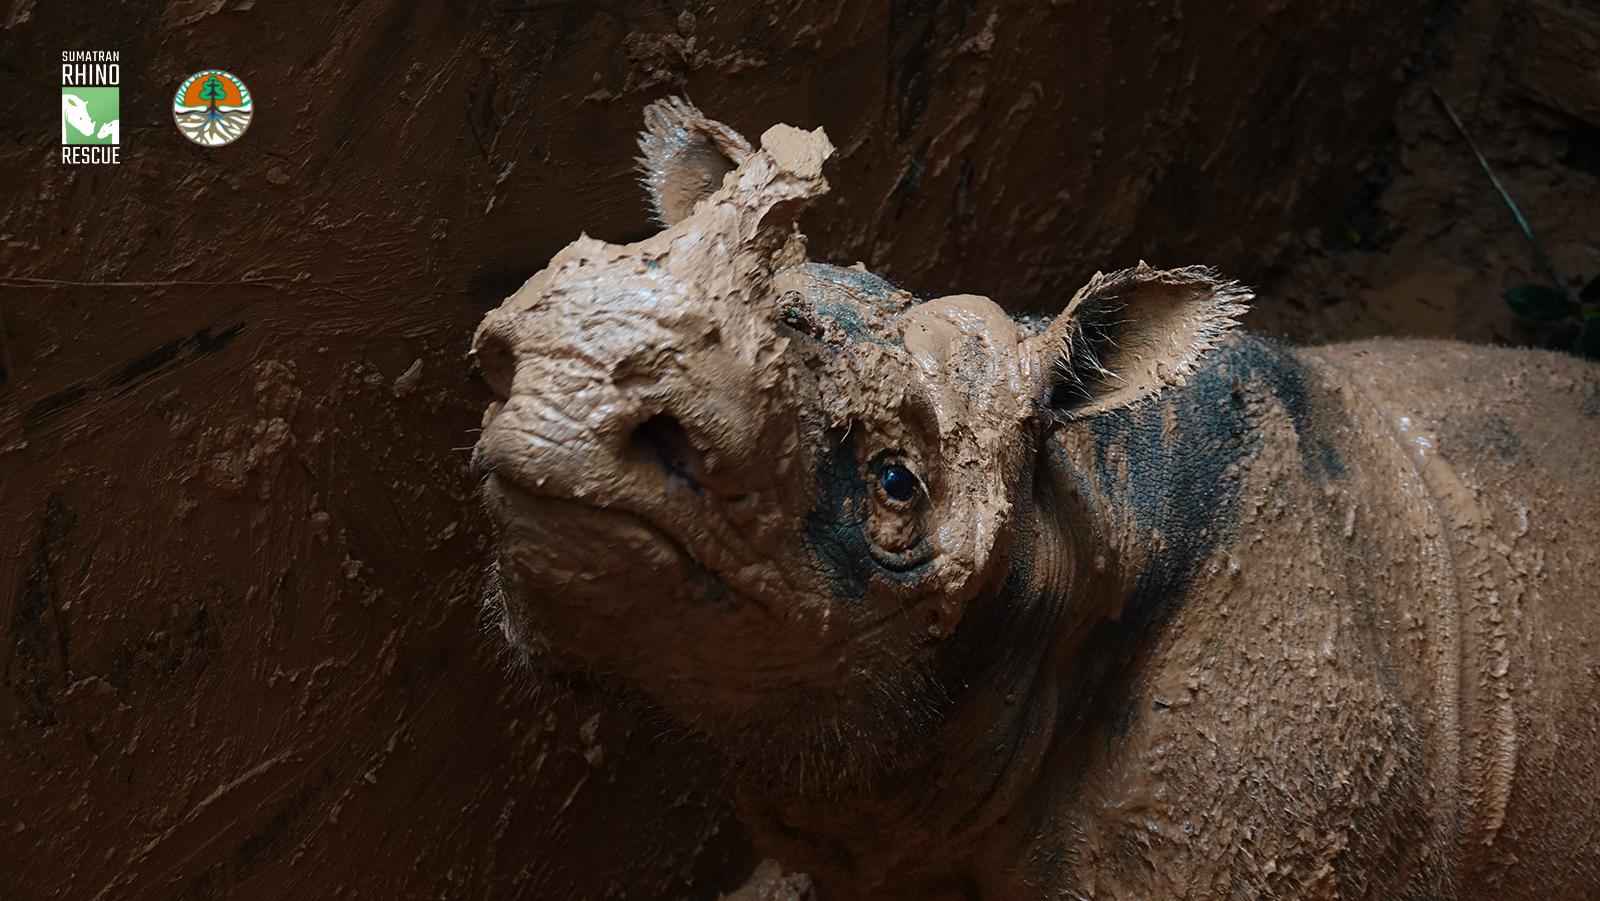 branded_Sumatran rhino 5.jpg